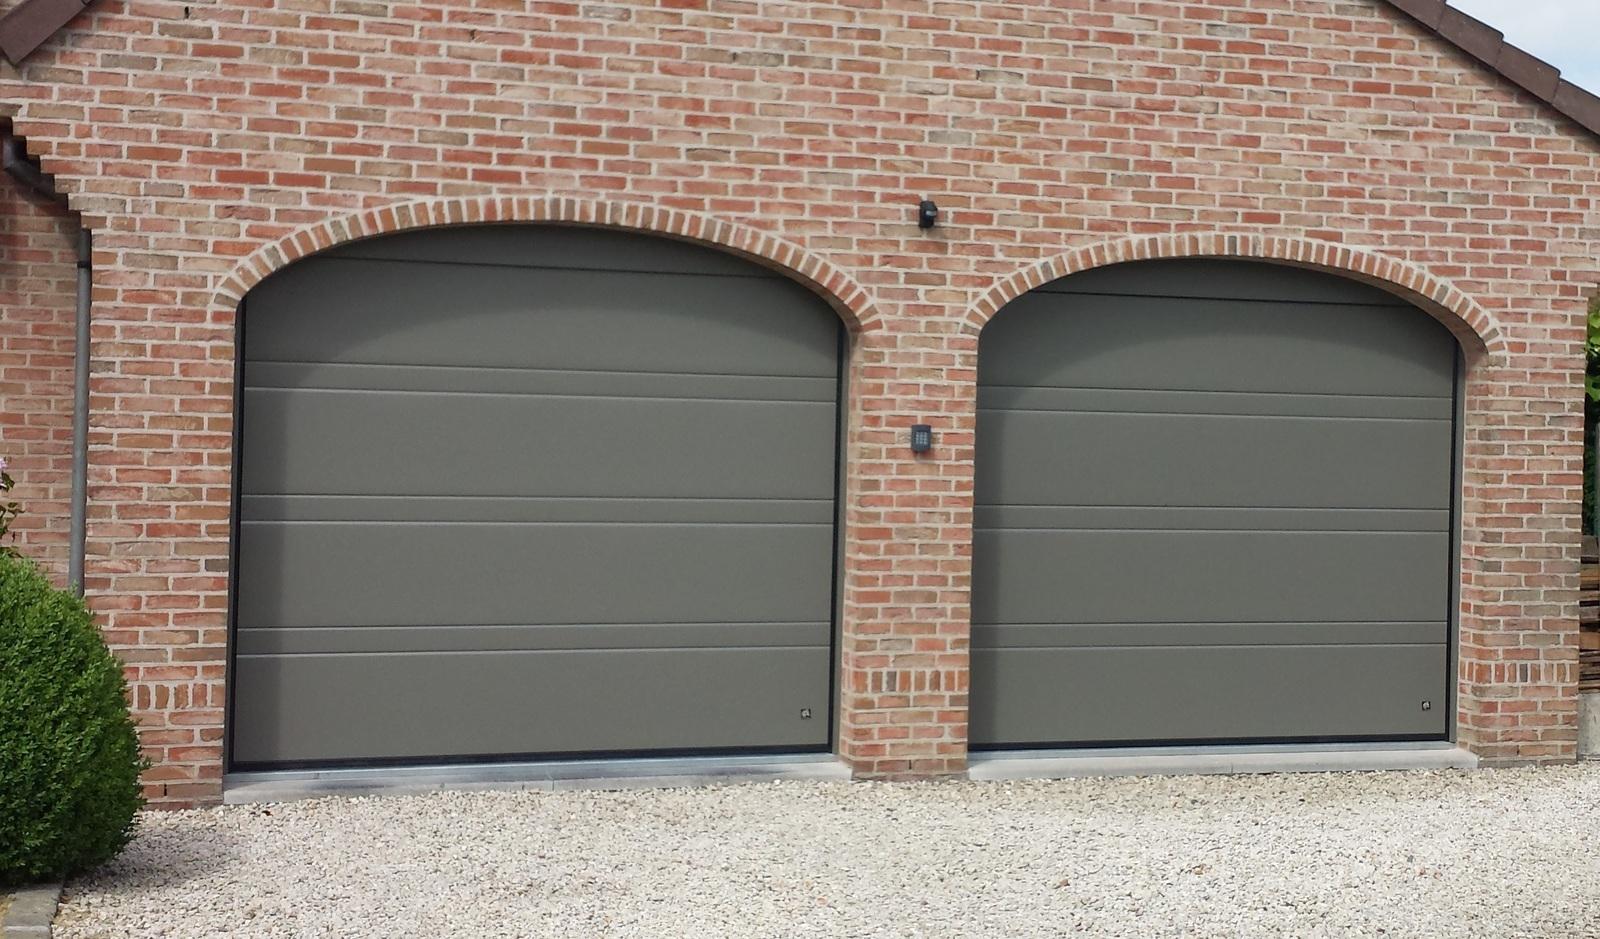 Porte de garage sectionnelle comines lille tournai mouscron nord pas de calais et hainaut - Portes de garage sectionnelles motorisees ...